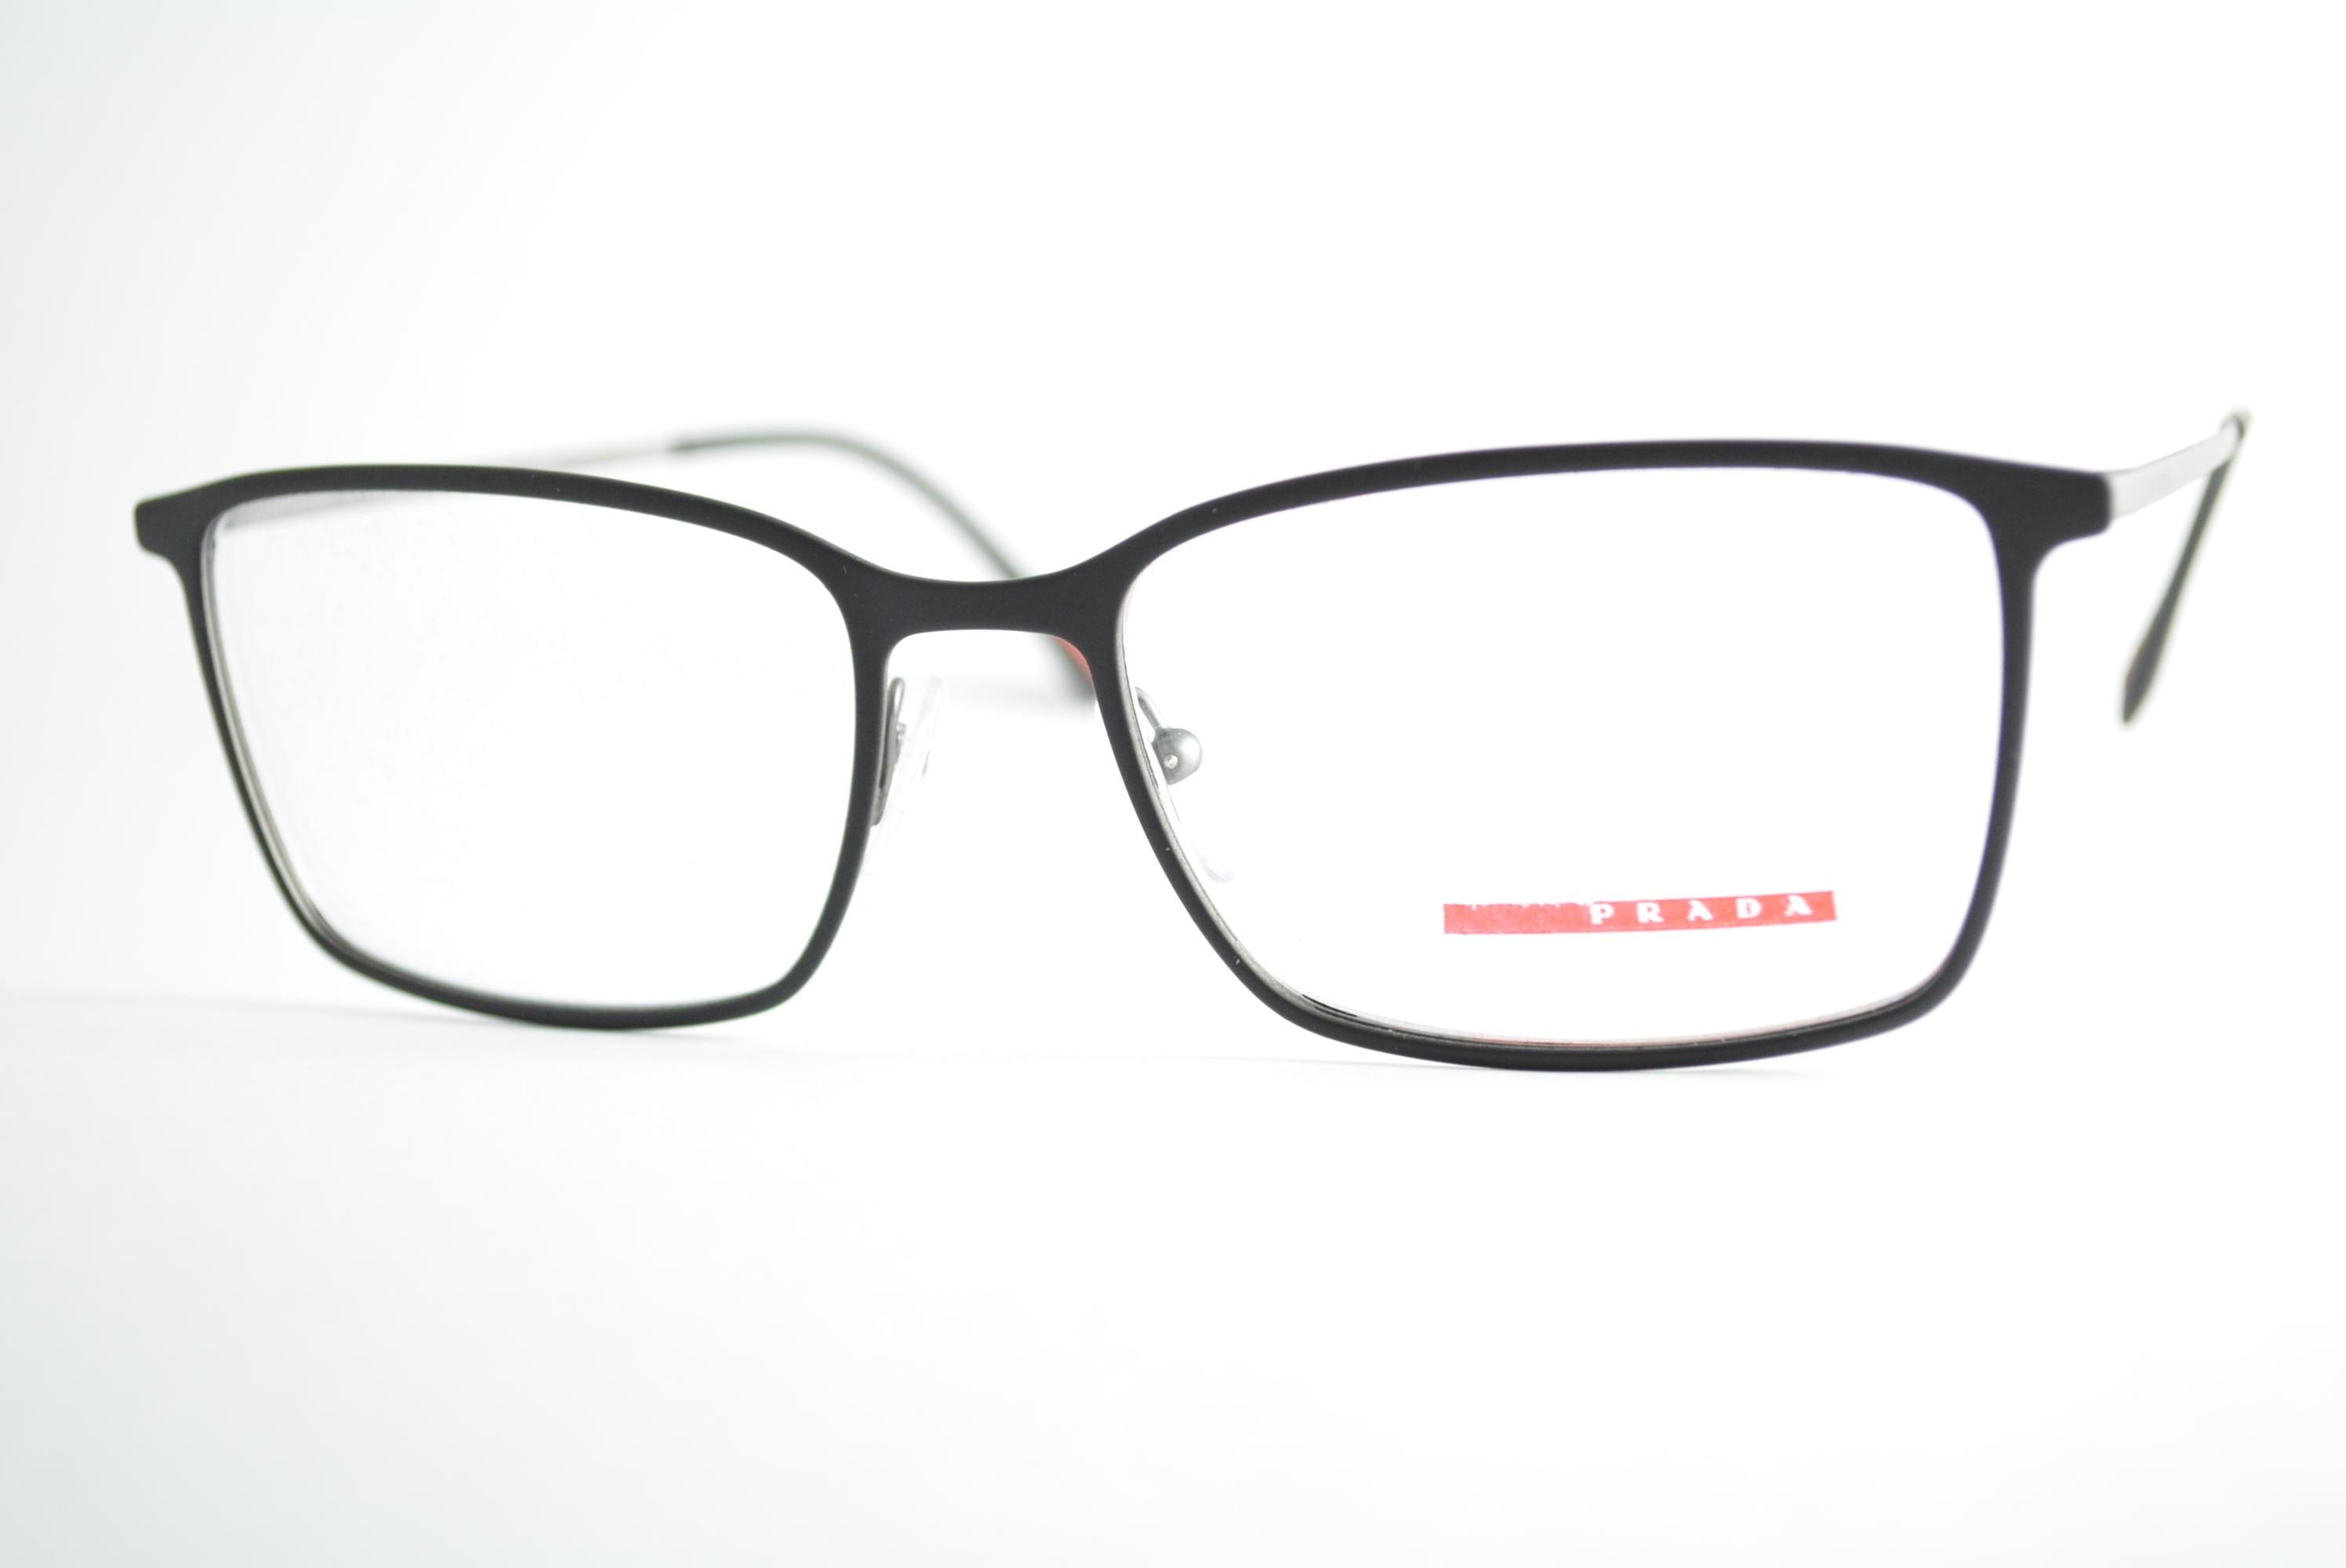 armação de óculos Prada Linea Rossa mod vps51L 6BJ-1O1